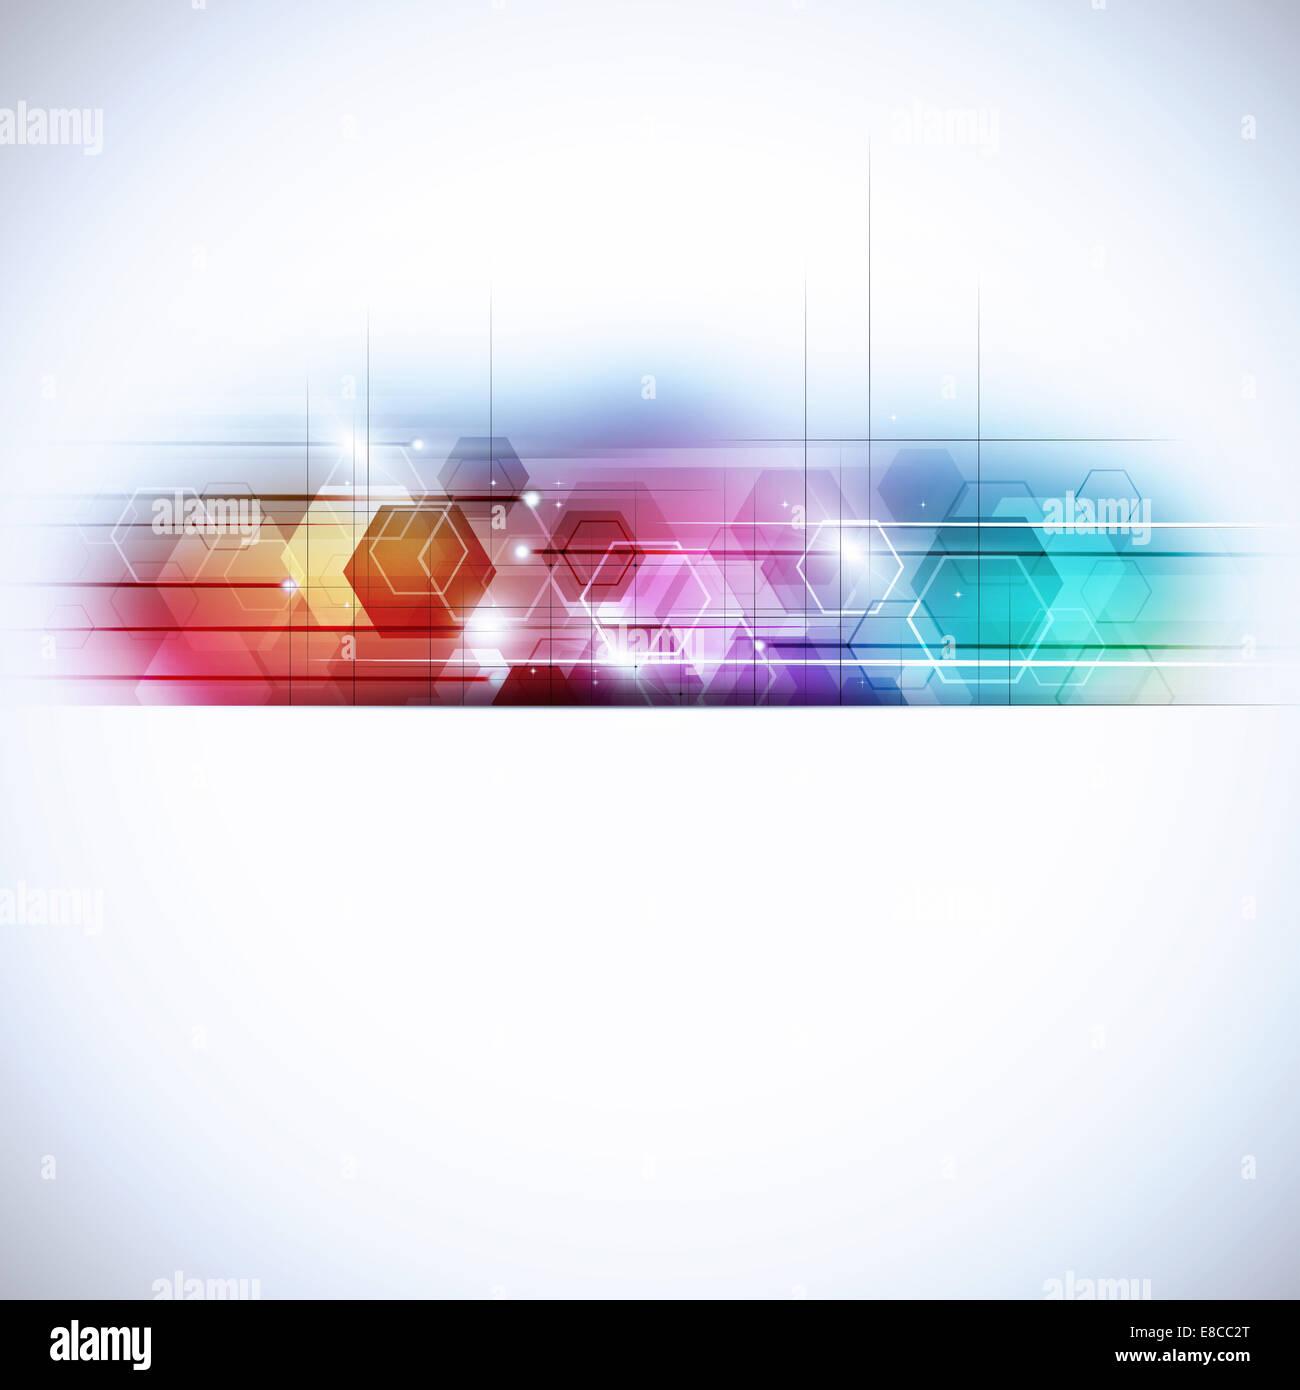 Technologie concept abstrait géométrique multicolore business background Photo Stock